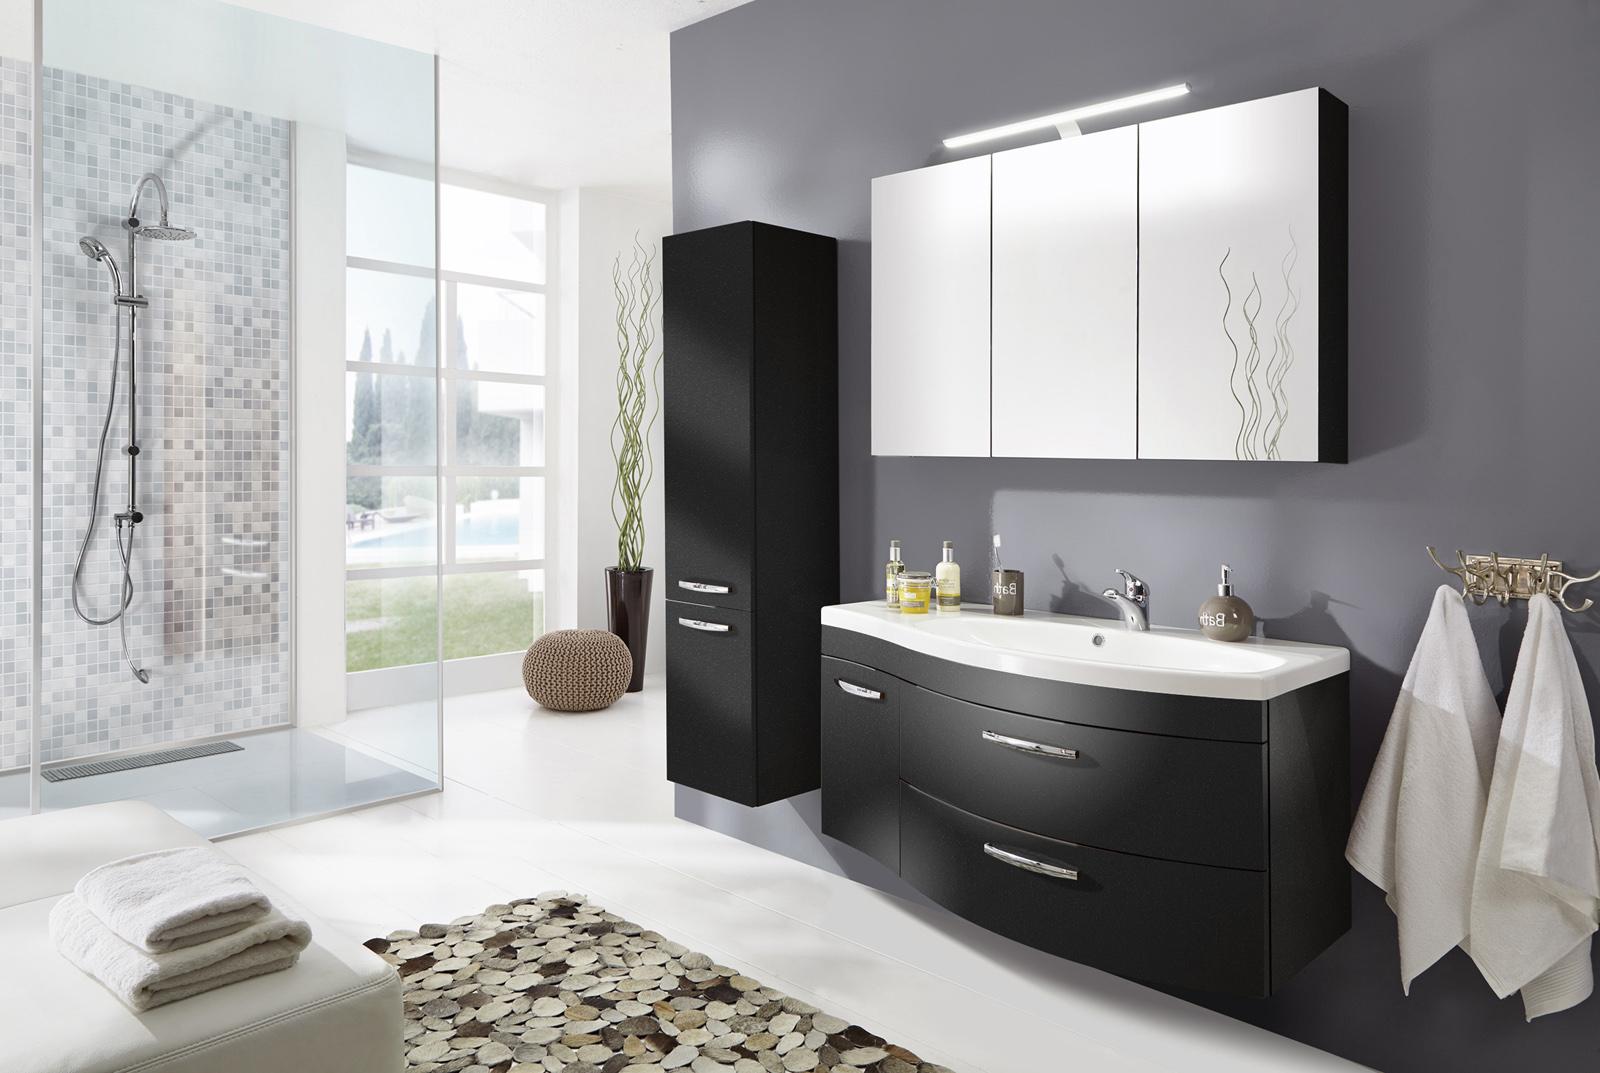 Bekannt SAM® Badmöbel Set 3tlg Waschtisch 110 cm anthrazit matt VENA rechts IJ95